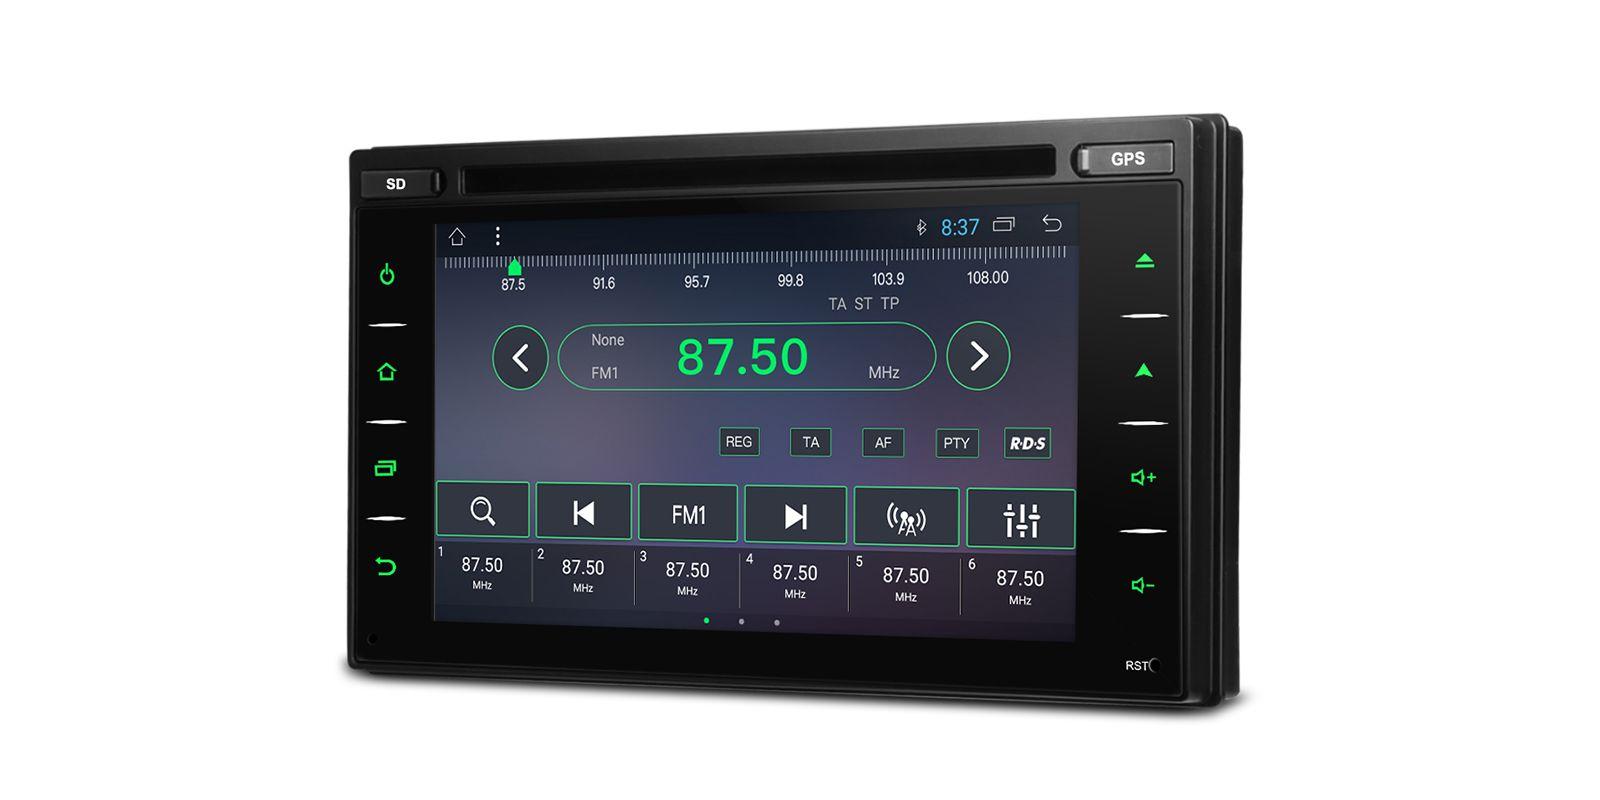 Универсален двоен дин TCD601 GPS, ANDROID 10, WiFi, 6.2